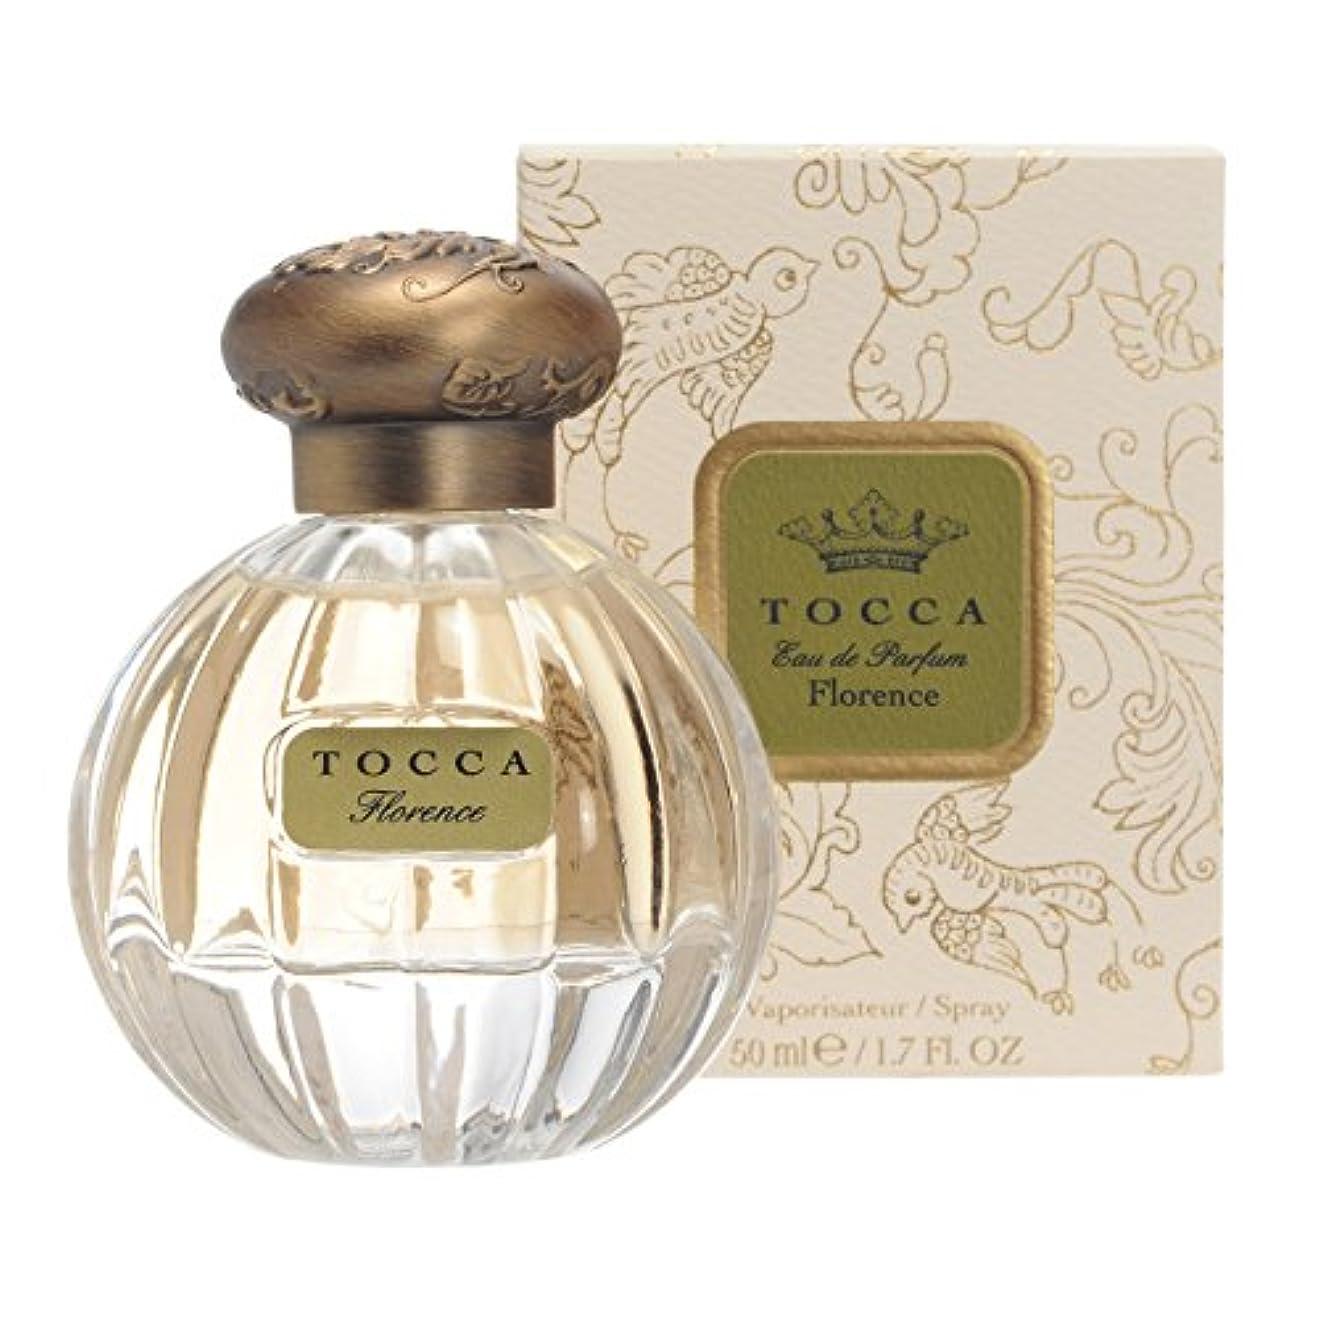 フットボール天のジーンズトッカ(TOCCA) オードパルファム フローレンスの香り 50ml(香水 パリジェンヌの洗練された美しさを演出する、ガーデニアとスミレが漂う上品なフローラルの香り)